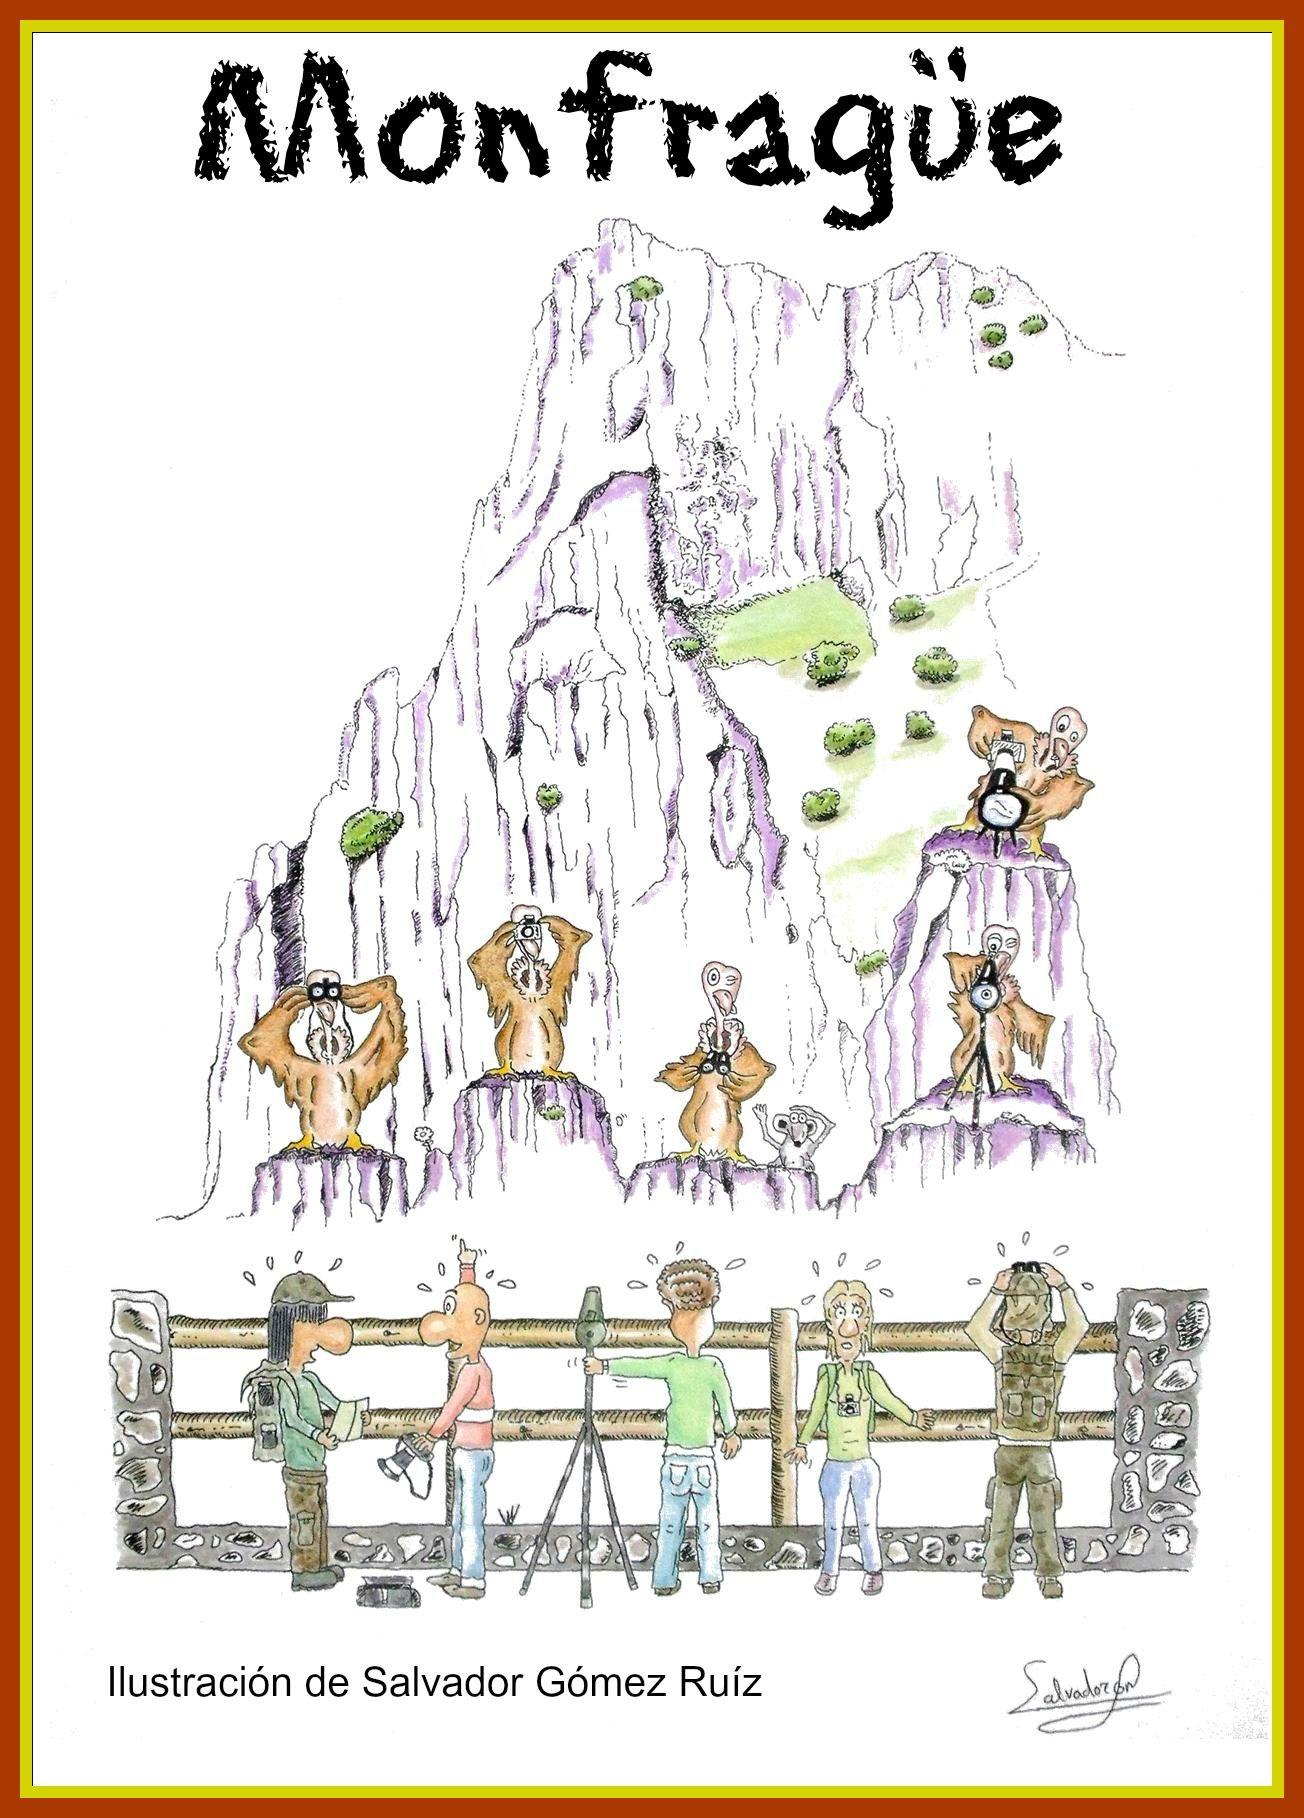 #Ilustraciones para estampar en camisetas, hacer poster, pegatinas o lo que se te ocurra. www.vidasalvaje.net